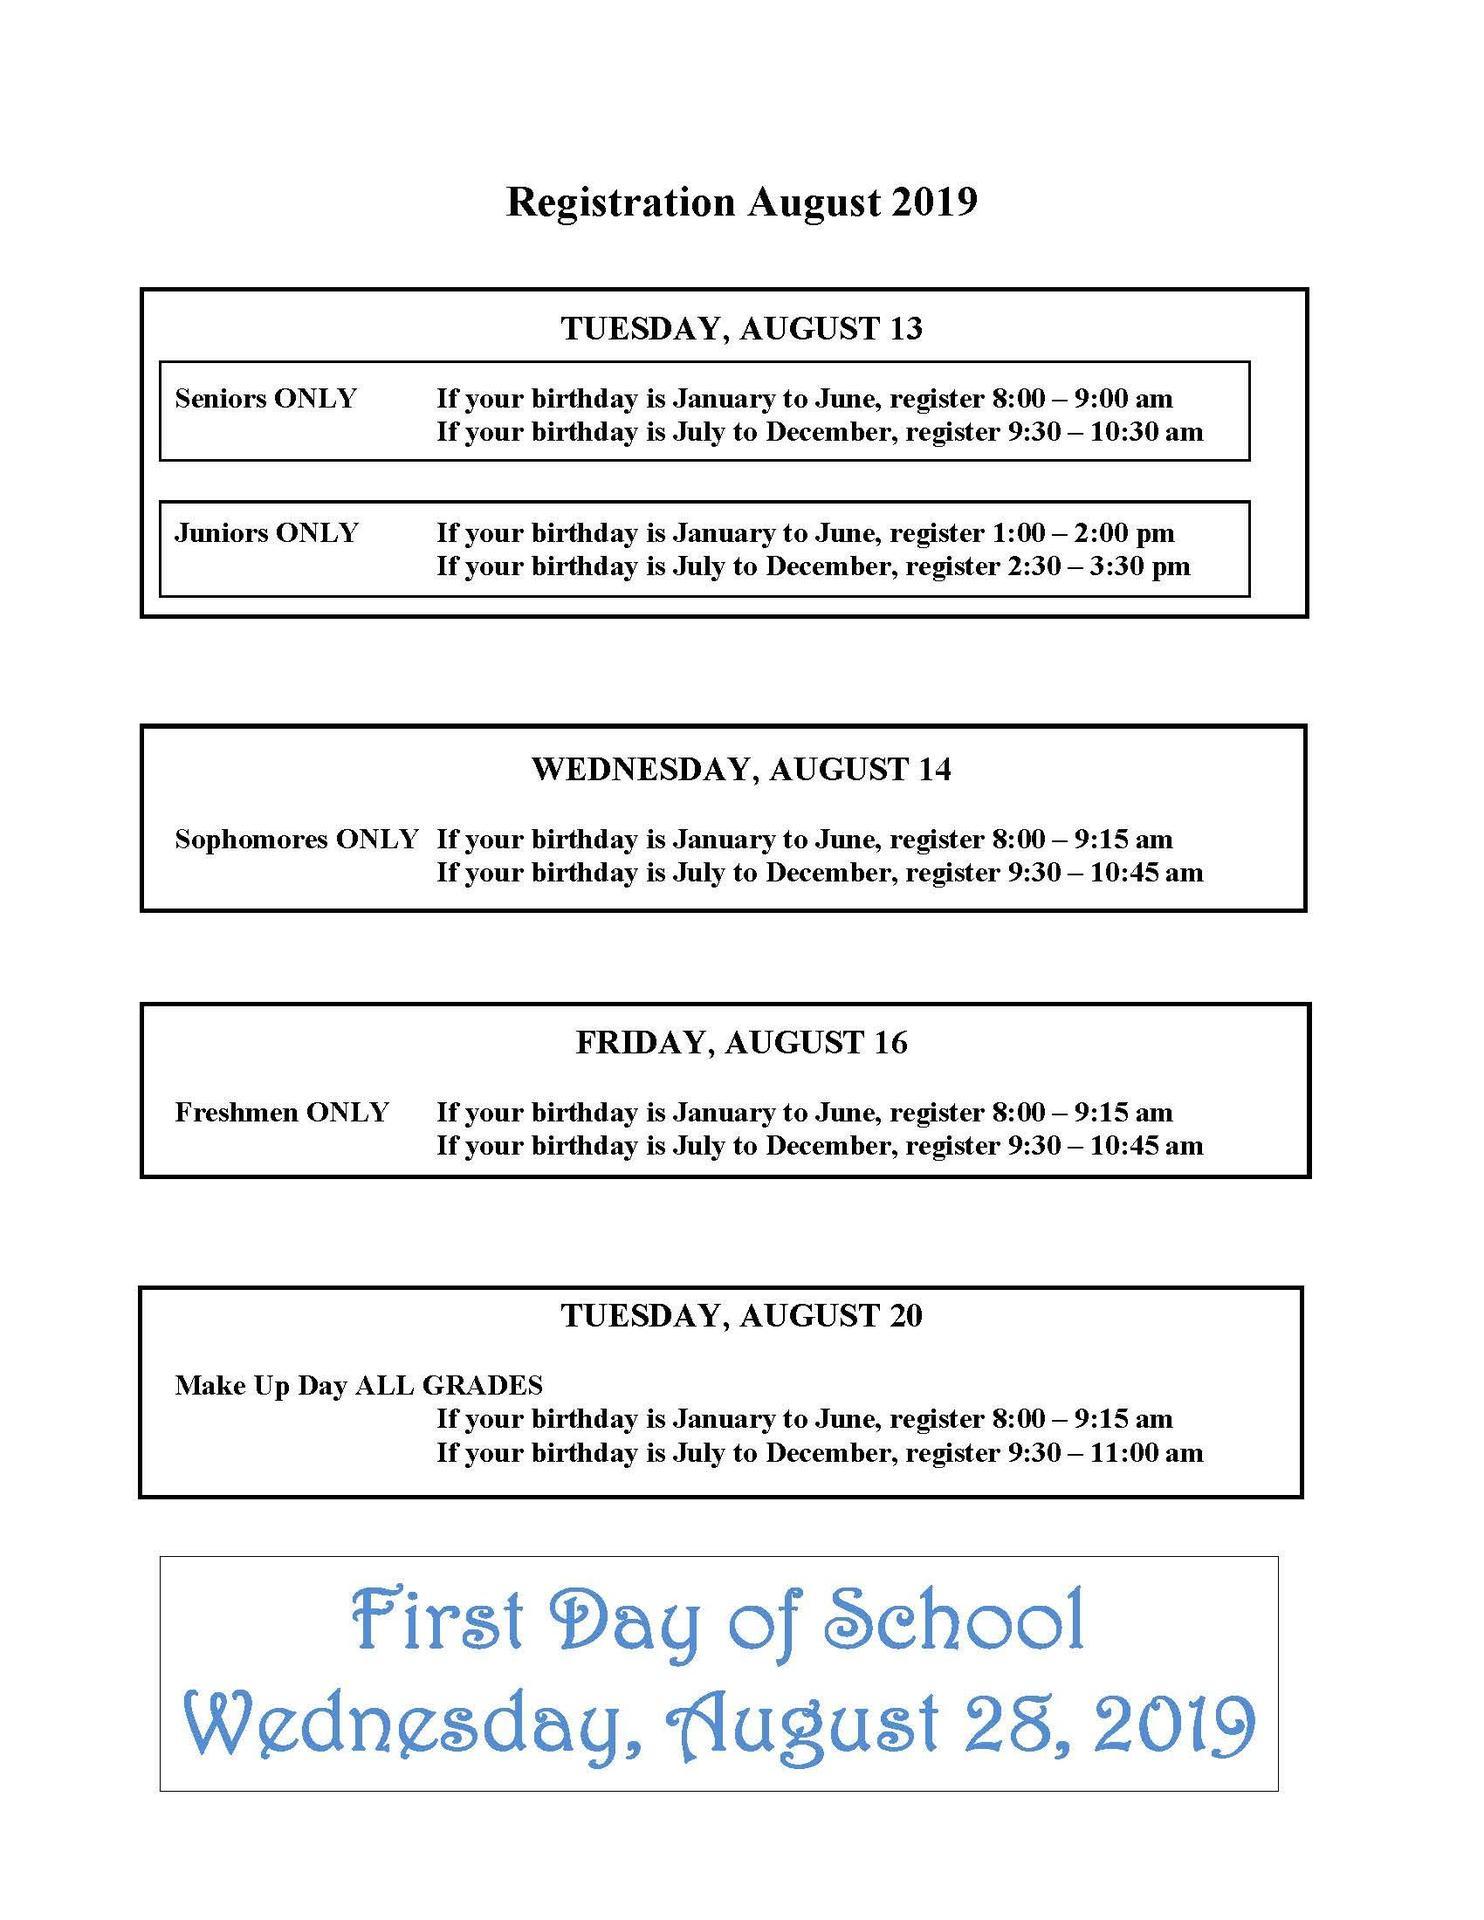 August 2019 Registration Schedule